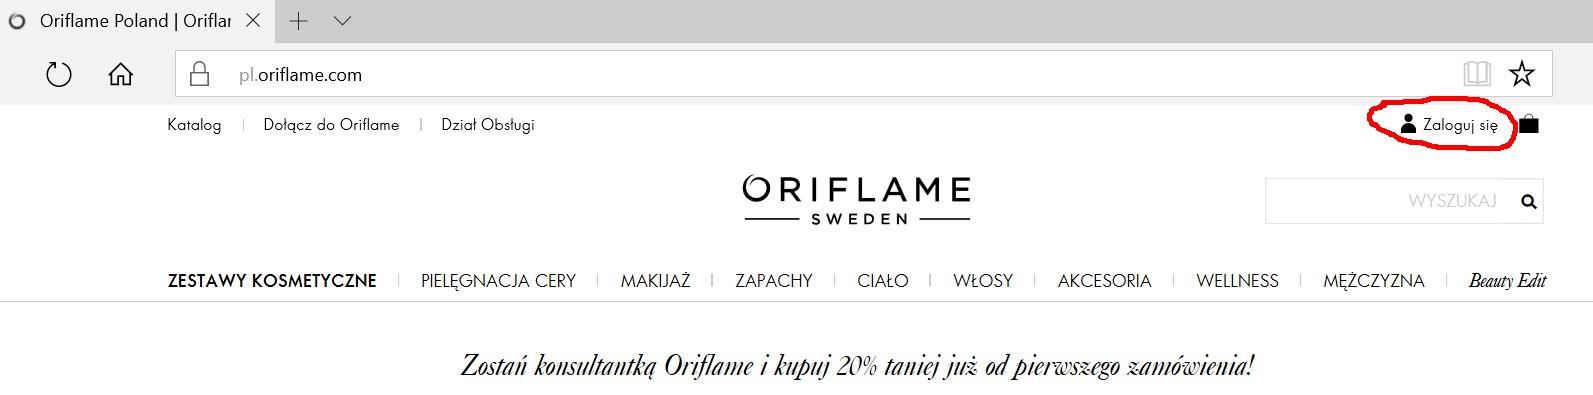 Oriflame logowanie - strona główna